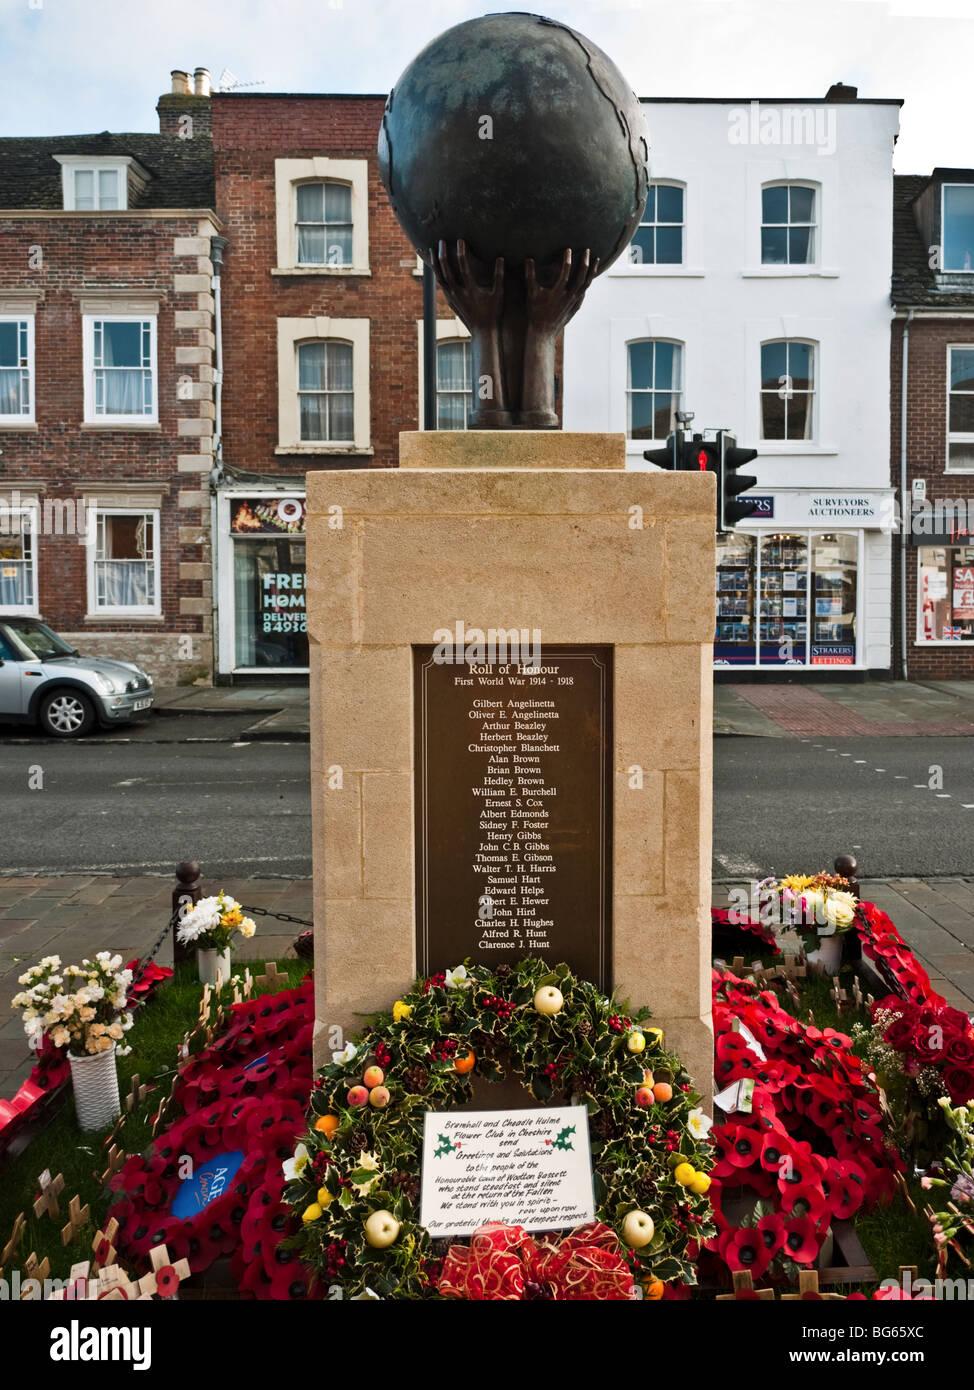 War Memorial de Wootton Bassett avec des couronnes de coquelicots, couronne de Noël, merci pour le message Photo Stock